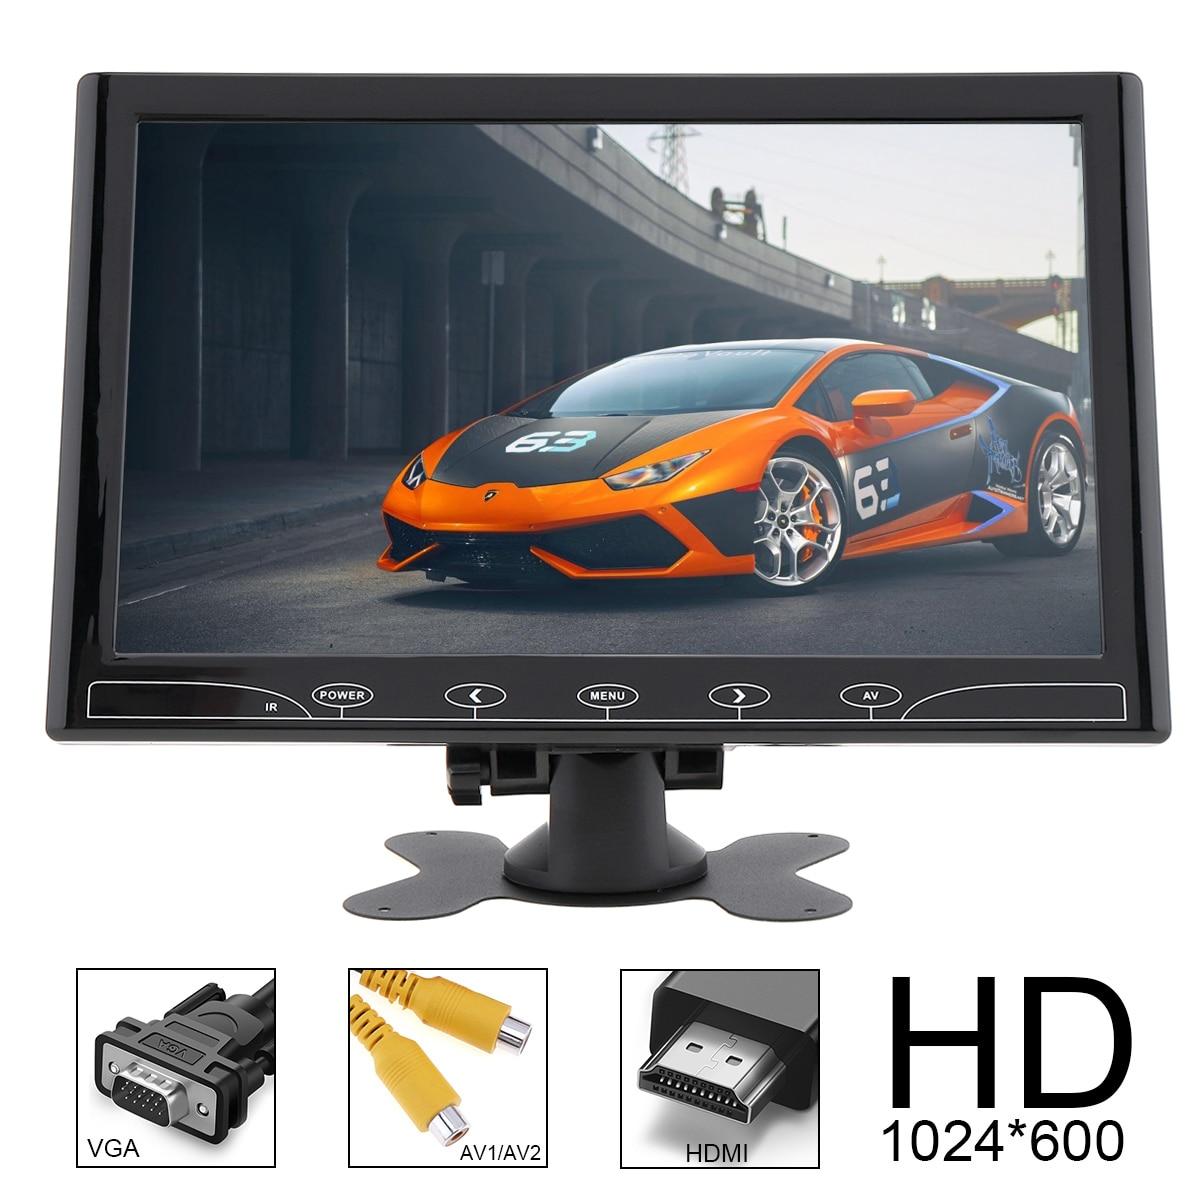 10.1 Pollici 16:9 HD 1024*600 TFT LCD A Colori Car Rear View Monitor 2 Ingresso Video DVD VCD Poggiatesta veicolo Monitor Video HDMI VGA10.1 Pollici 16:9 HD 1024*600 TFT LCD A Colori Car Rear View Monitor 2 Ingresso Video DVD VCD Poggiatesta veicolo Monitor Video HDMI VGA